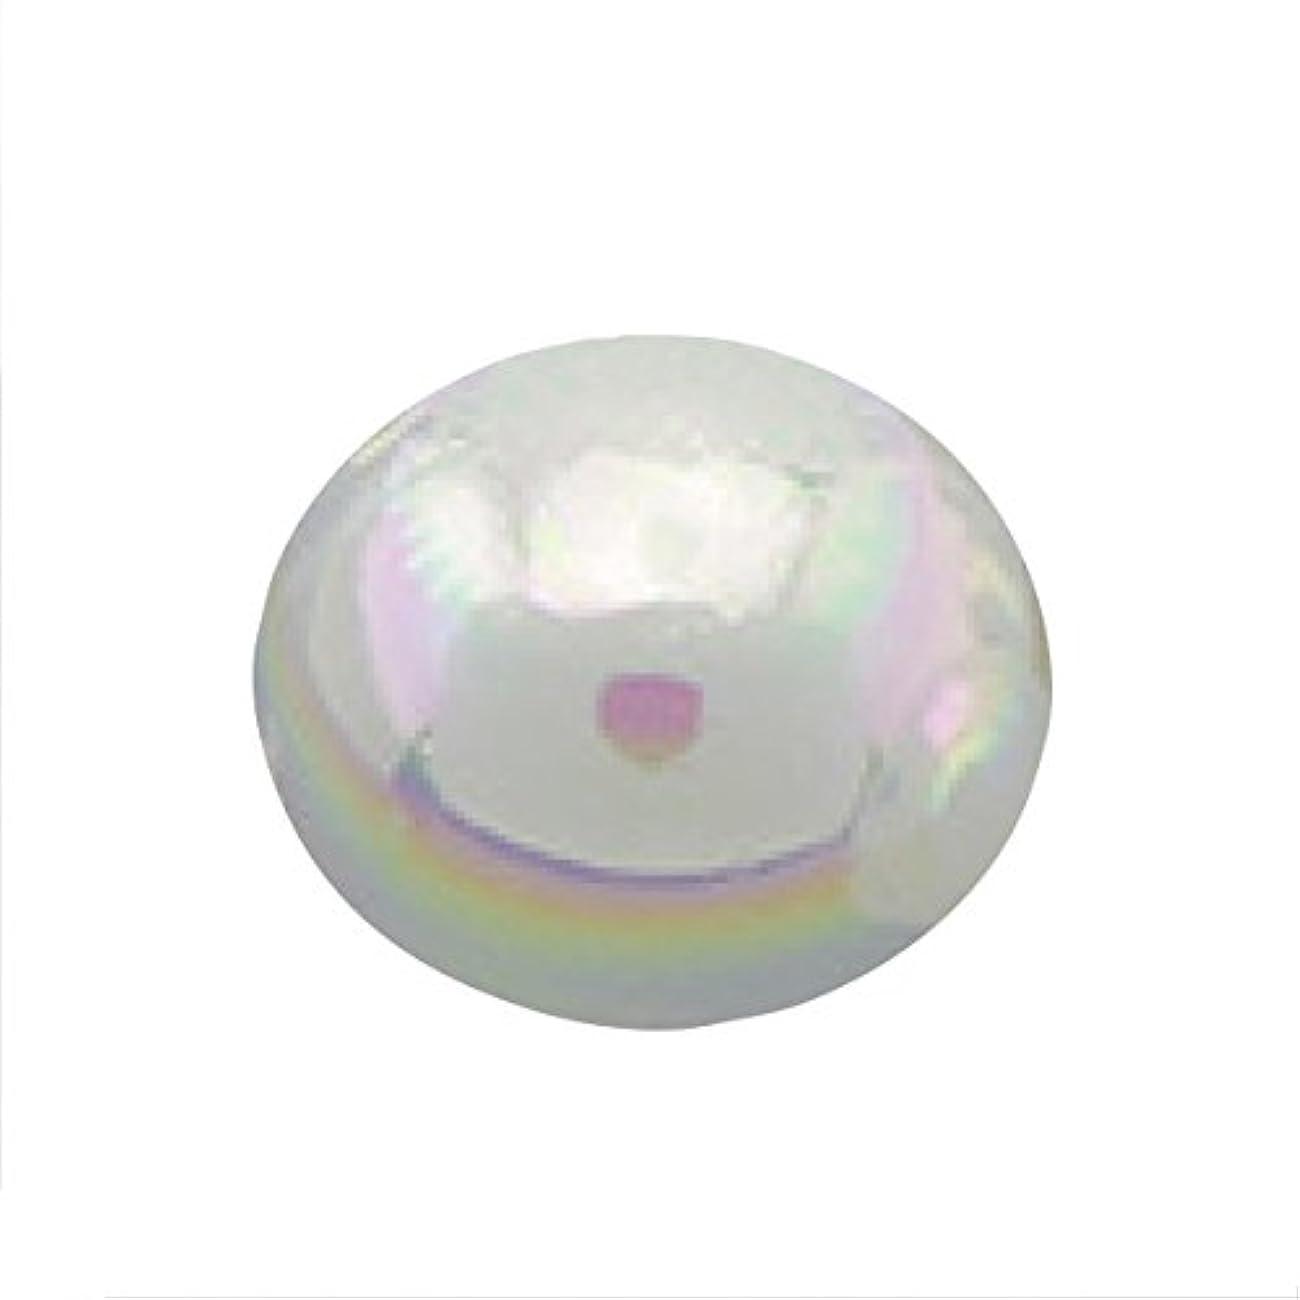 結晶考える準備パールオーロラオフホワイト1.5mm(50個入り)